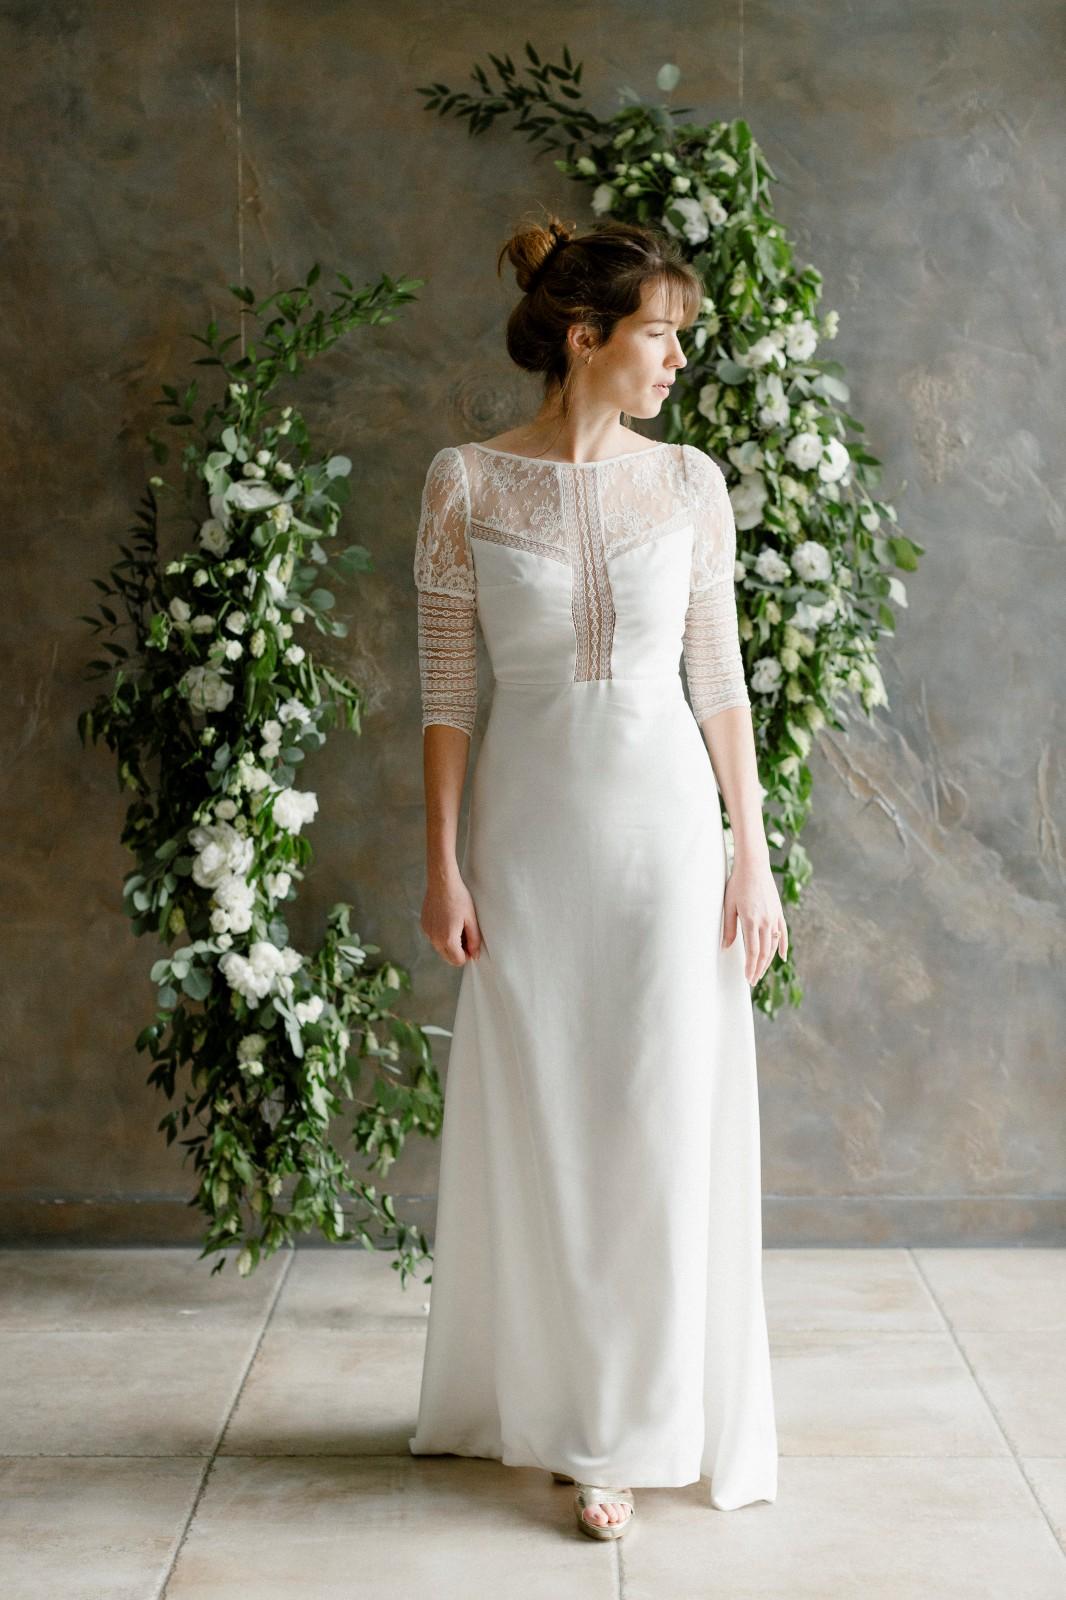 La robe Noémie est une robe de mariée fabriquée dans du tencel biodegradable.